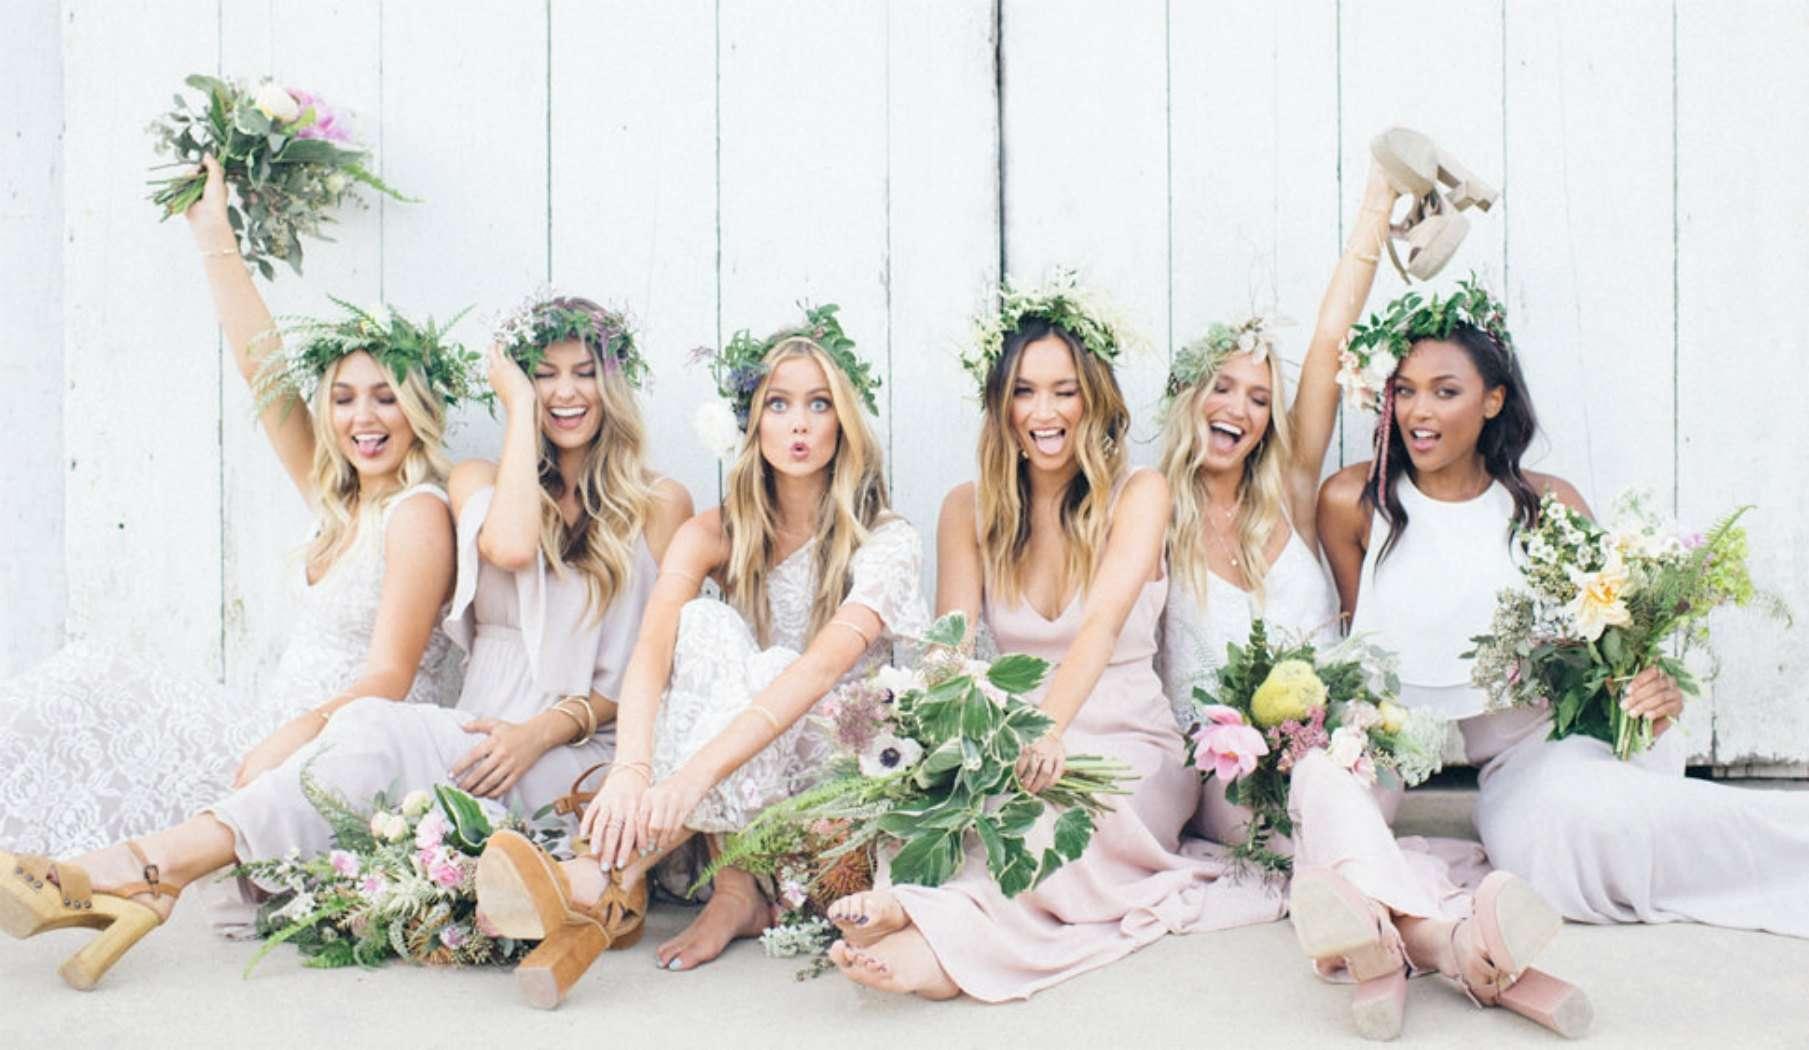 Las 10 bodas bonitas en las que hemos estado Parte II. Ep11